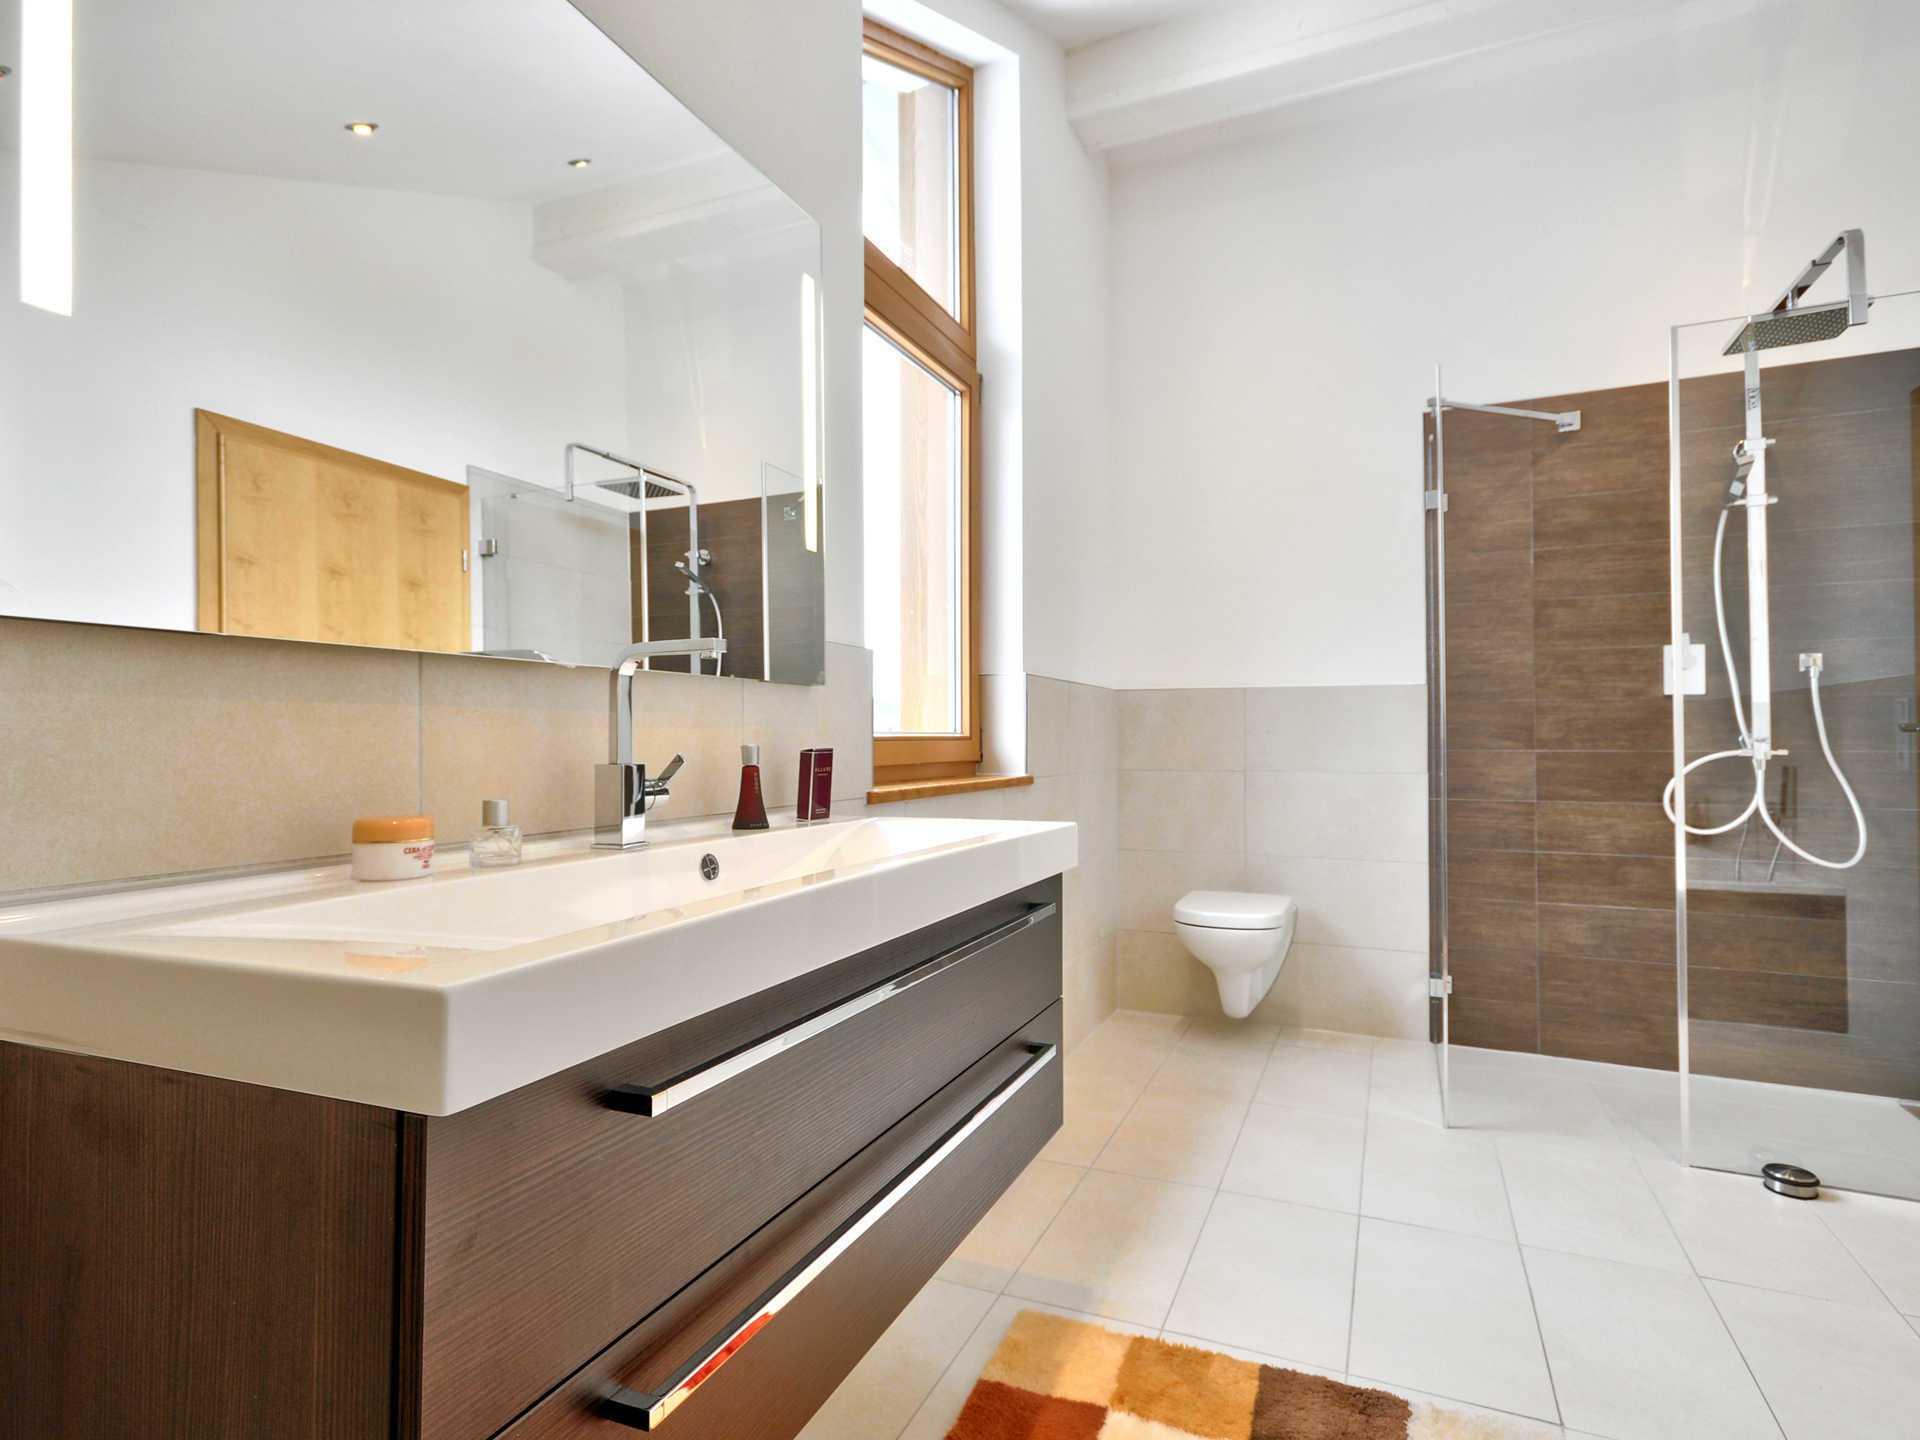 Musterhaus badezimmer  Musterhaus Poing - ALBERT Haus